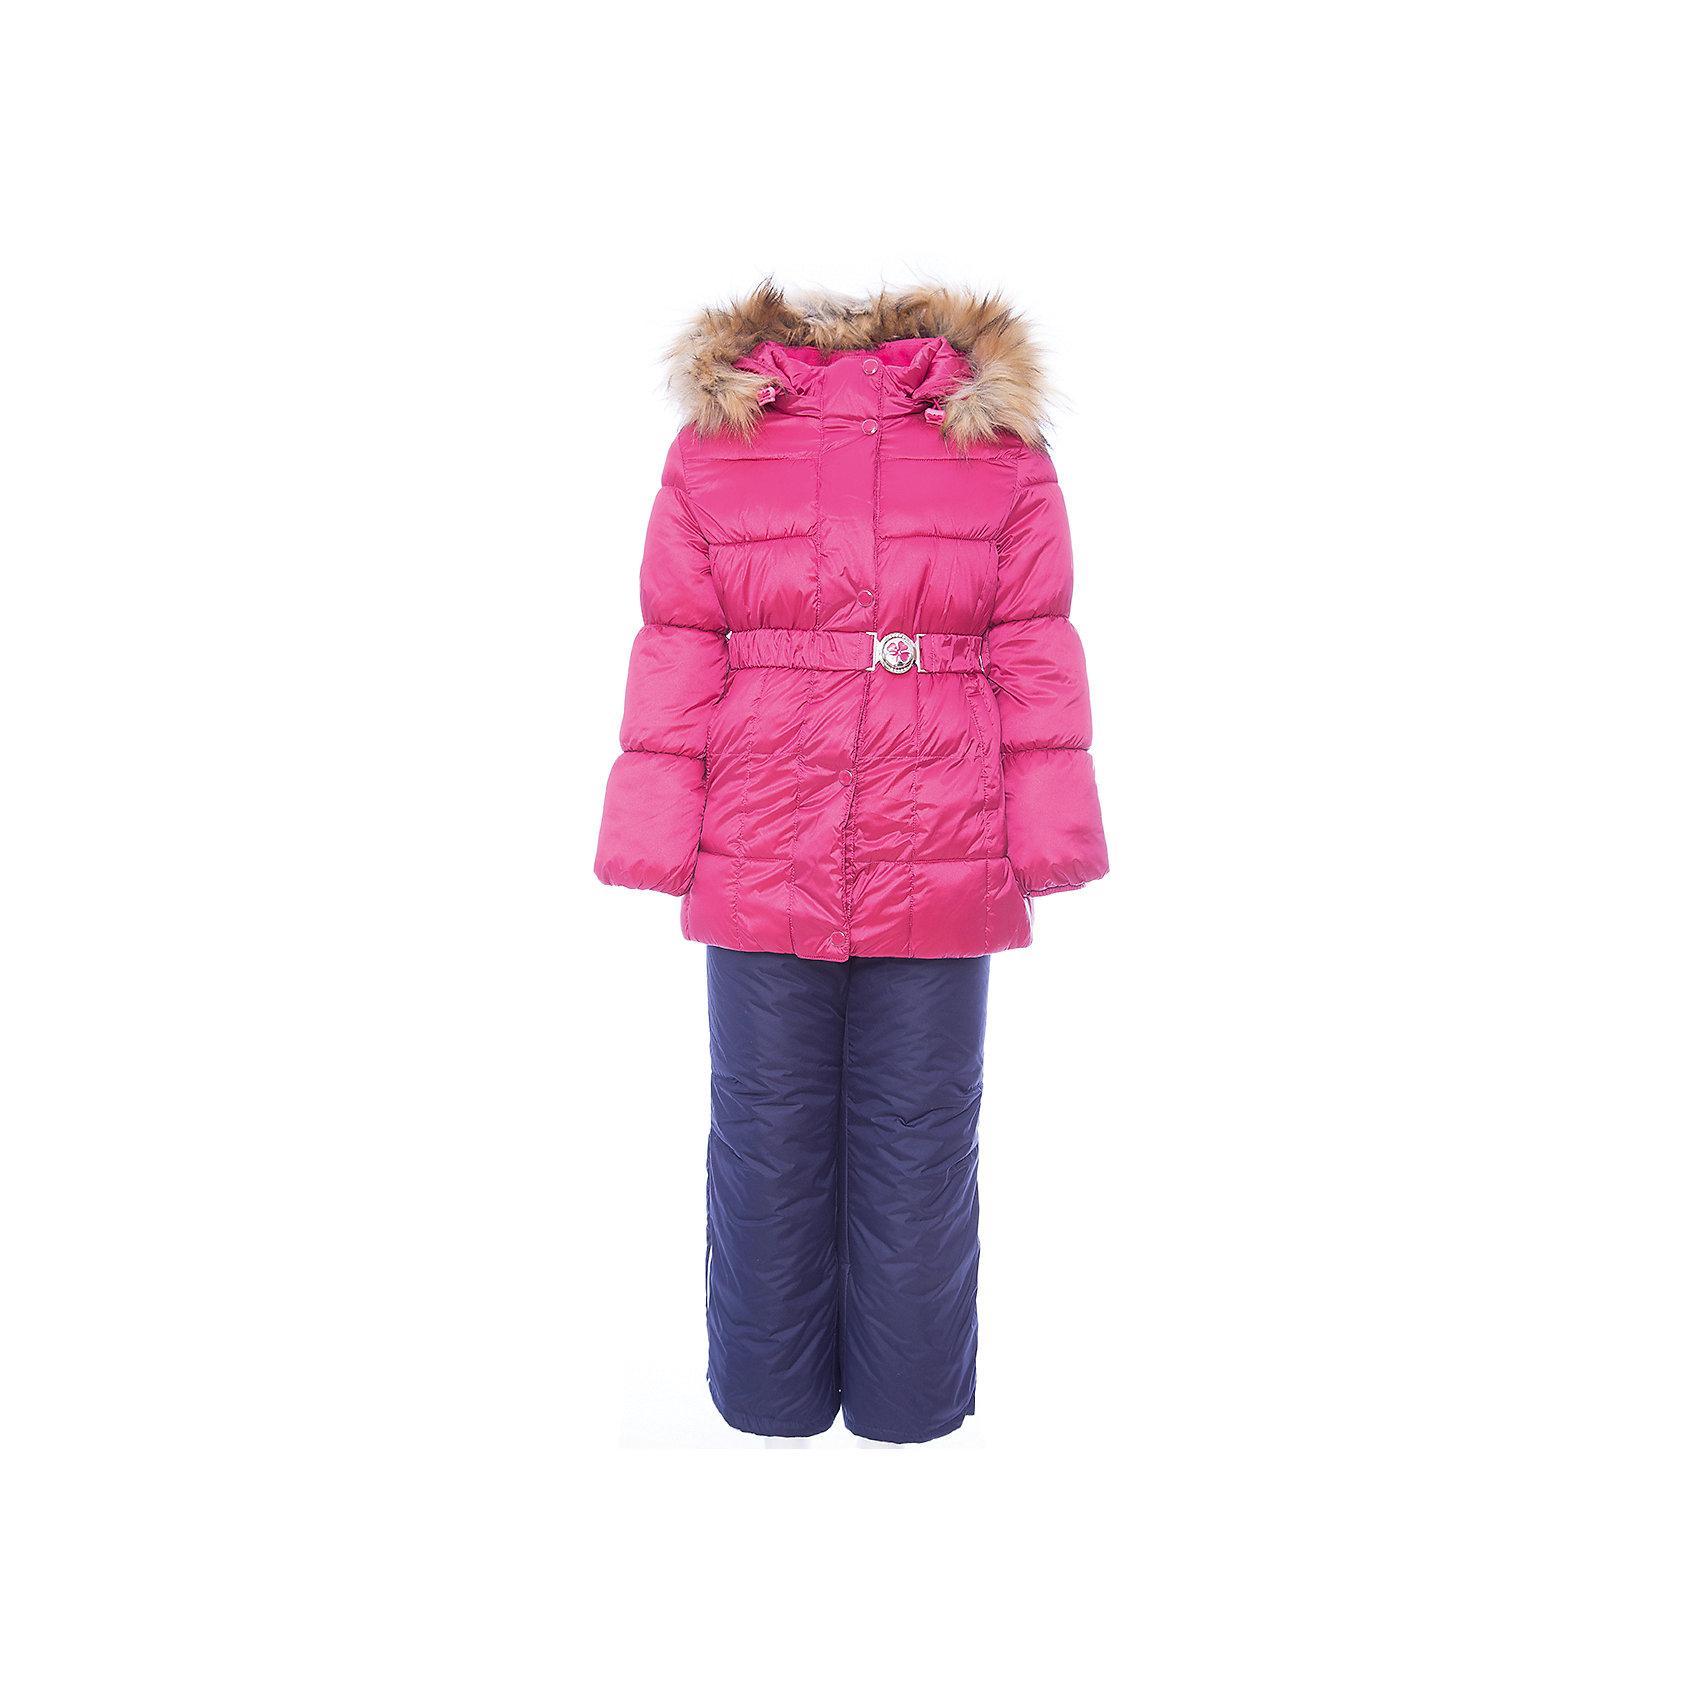 Комплект: куртка и полукомбинезон Фания OLDOS для девочкиВерхняя одежда<br>Характеристики товара:<br><br>• цвет: розовый<br>• комплектация: куртка и полукомбинезон<br>• состав ткани: 42% нейлон, 58% полиэстер, пропитка PU, Teflon<br>• подкладка: флис, полиэстер<br>• утеплитель: куртка - искусственный лебяжий пух, полукомбинезон - Hollofan 200 г/м2<br>• сезон: зима<br>• температурный режим: от -35 до 0<br>• застежка: молния<br>• капюшон: с мехом, съемный<br>• страна бренда: Россия<br>• страна изготовитель: Россия<br><br>Высокотехнологичное покрытие такого детского комплекта - это защита от воды и грязи, износостойкость, за ним легко ухаживать. Зимний комплект от бренда Oldos разработан с учетом потребностей детей. Зимний комплект для девочки дополнен функциональными деталями для удобства ребенка: регулирующиеся подтяжки, капюшон, планка от ветра. <br><br>Комплект: куртка и полукомбинезон Фания Oldos (Олдос) для девочки можно купить в нашем интернет-магазине.<br><br>Ширина мм: 356<br>Глубина мм: 10<br>Высота мм: 245<br>Вес г: 519<br>Цвет: розовый<br>Возраст от месяцев: 36<br>Возраст до месяцев: 48<br>Пол: Женский<br>Возраст: Детский<br>Размер: 104,140,134,128,122,116,110<br>SKU: 7016729